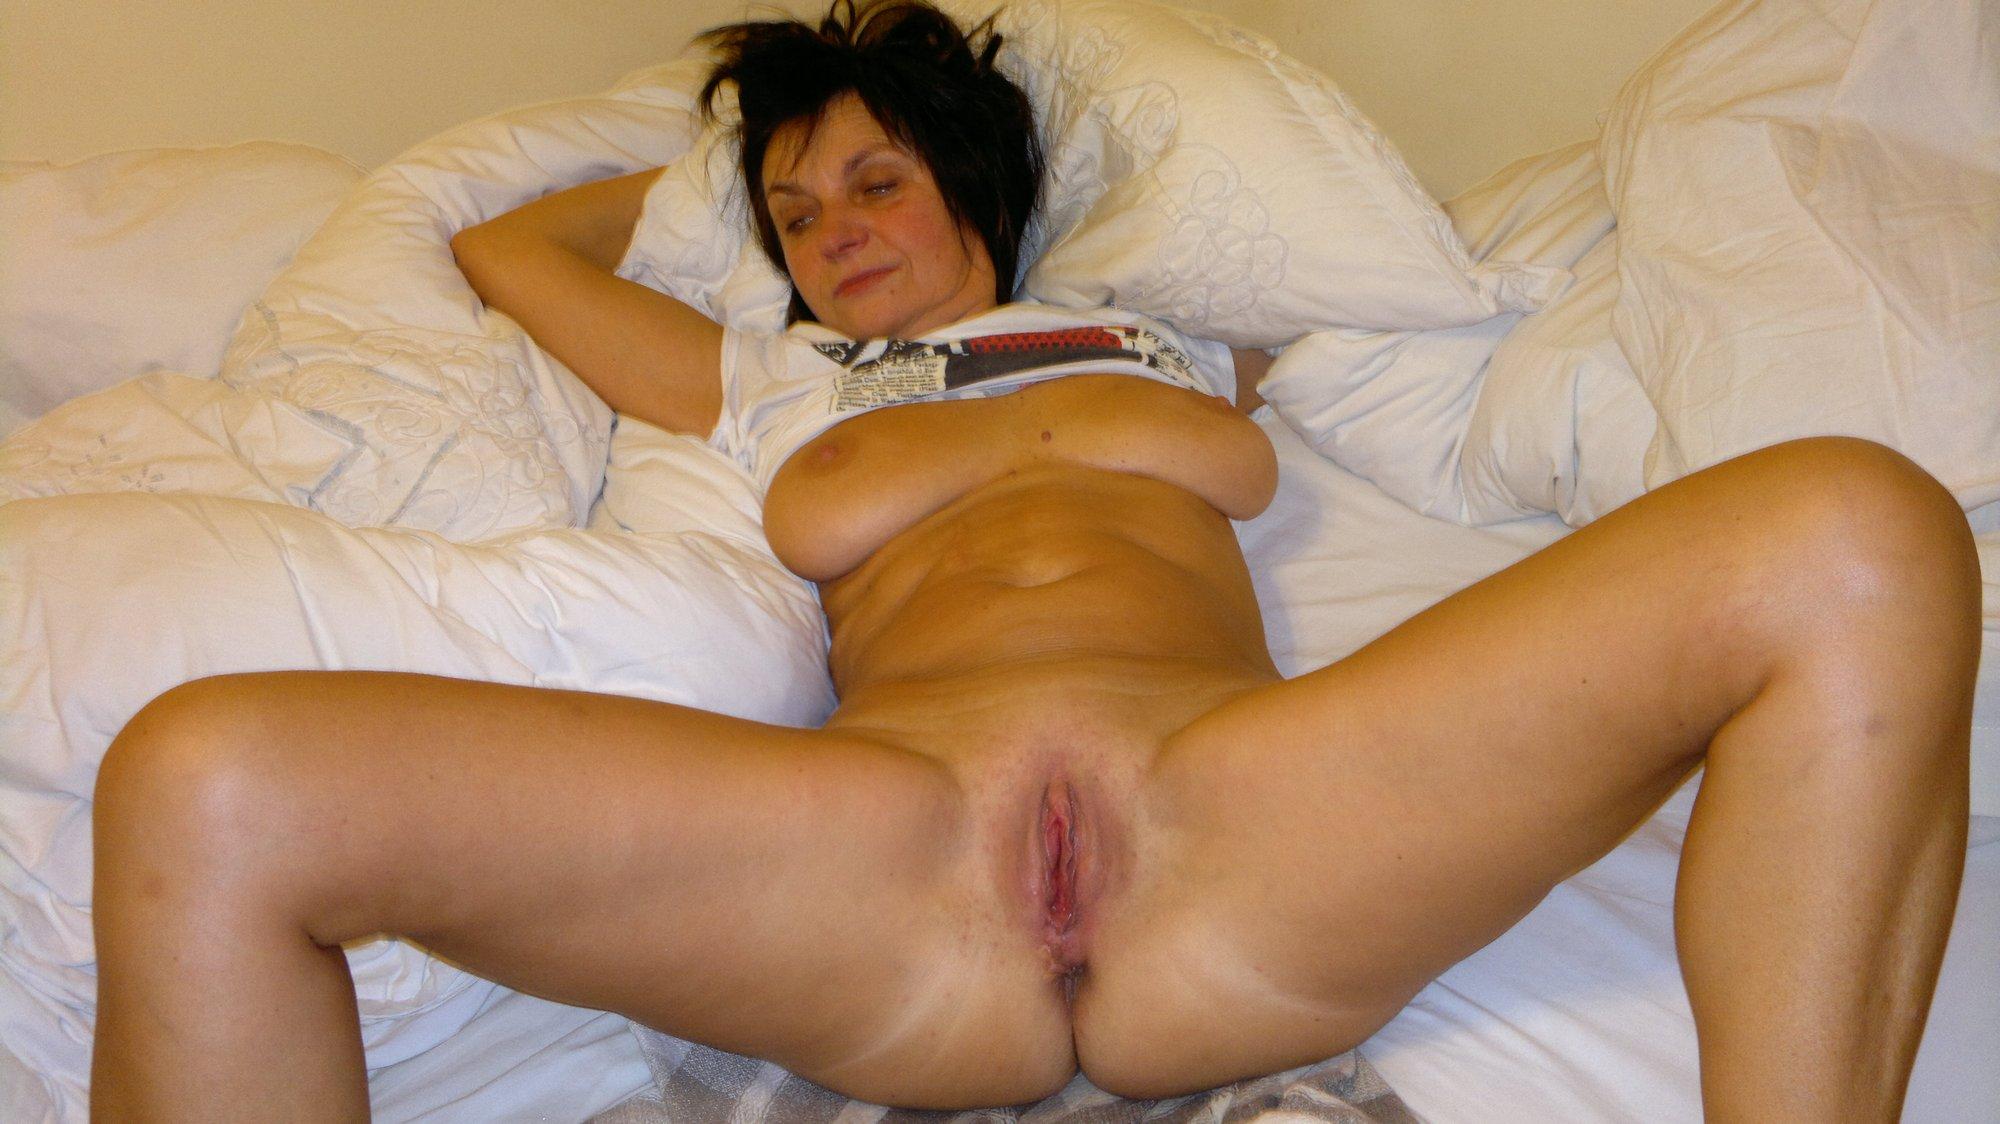 Лежа на кровати зрелка в чулках светит мандой